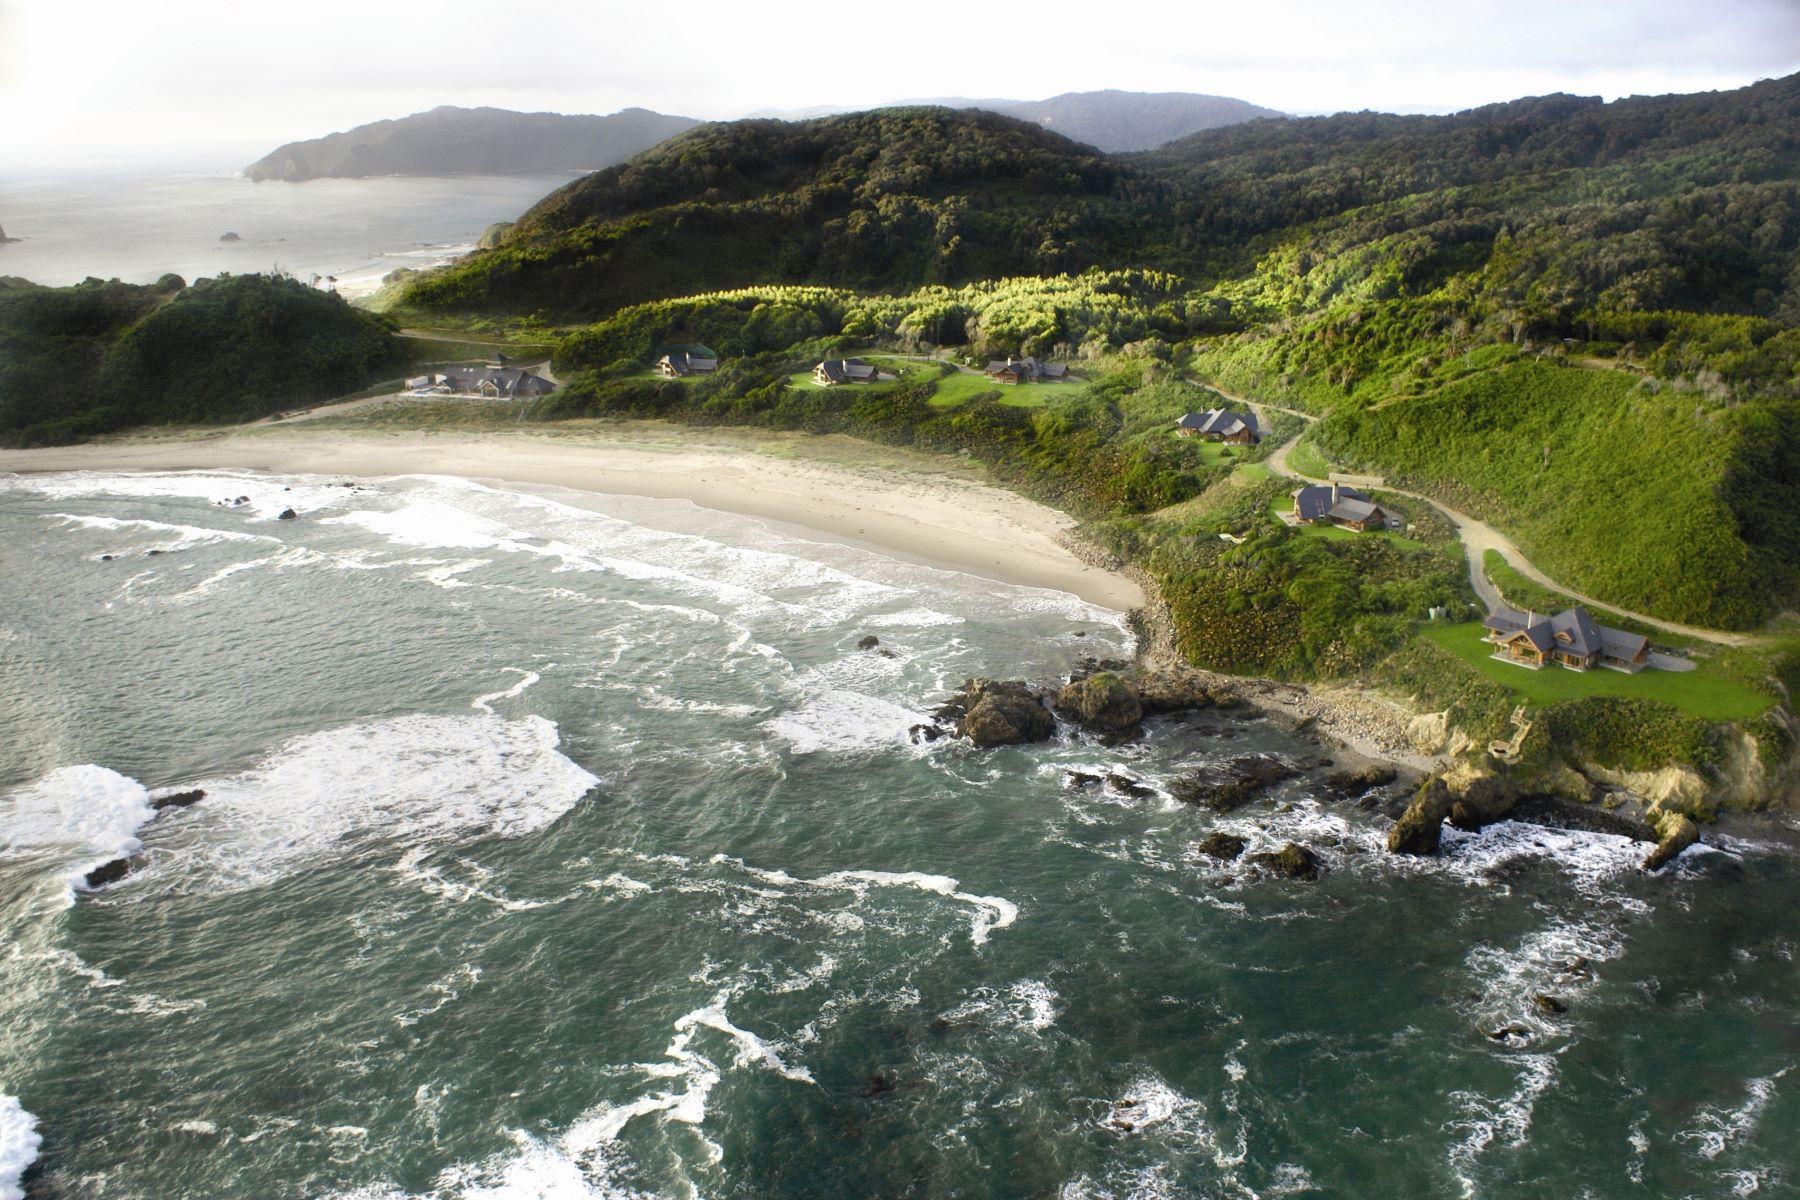 Ferme / Ranch / Plantation pour l Vente à The Cliffs Preserve - Eco Luxury Paradise Chilean Patagonia, Chilean Patagonia Sur Portfolio PUERTO MONTT Chili